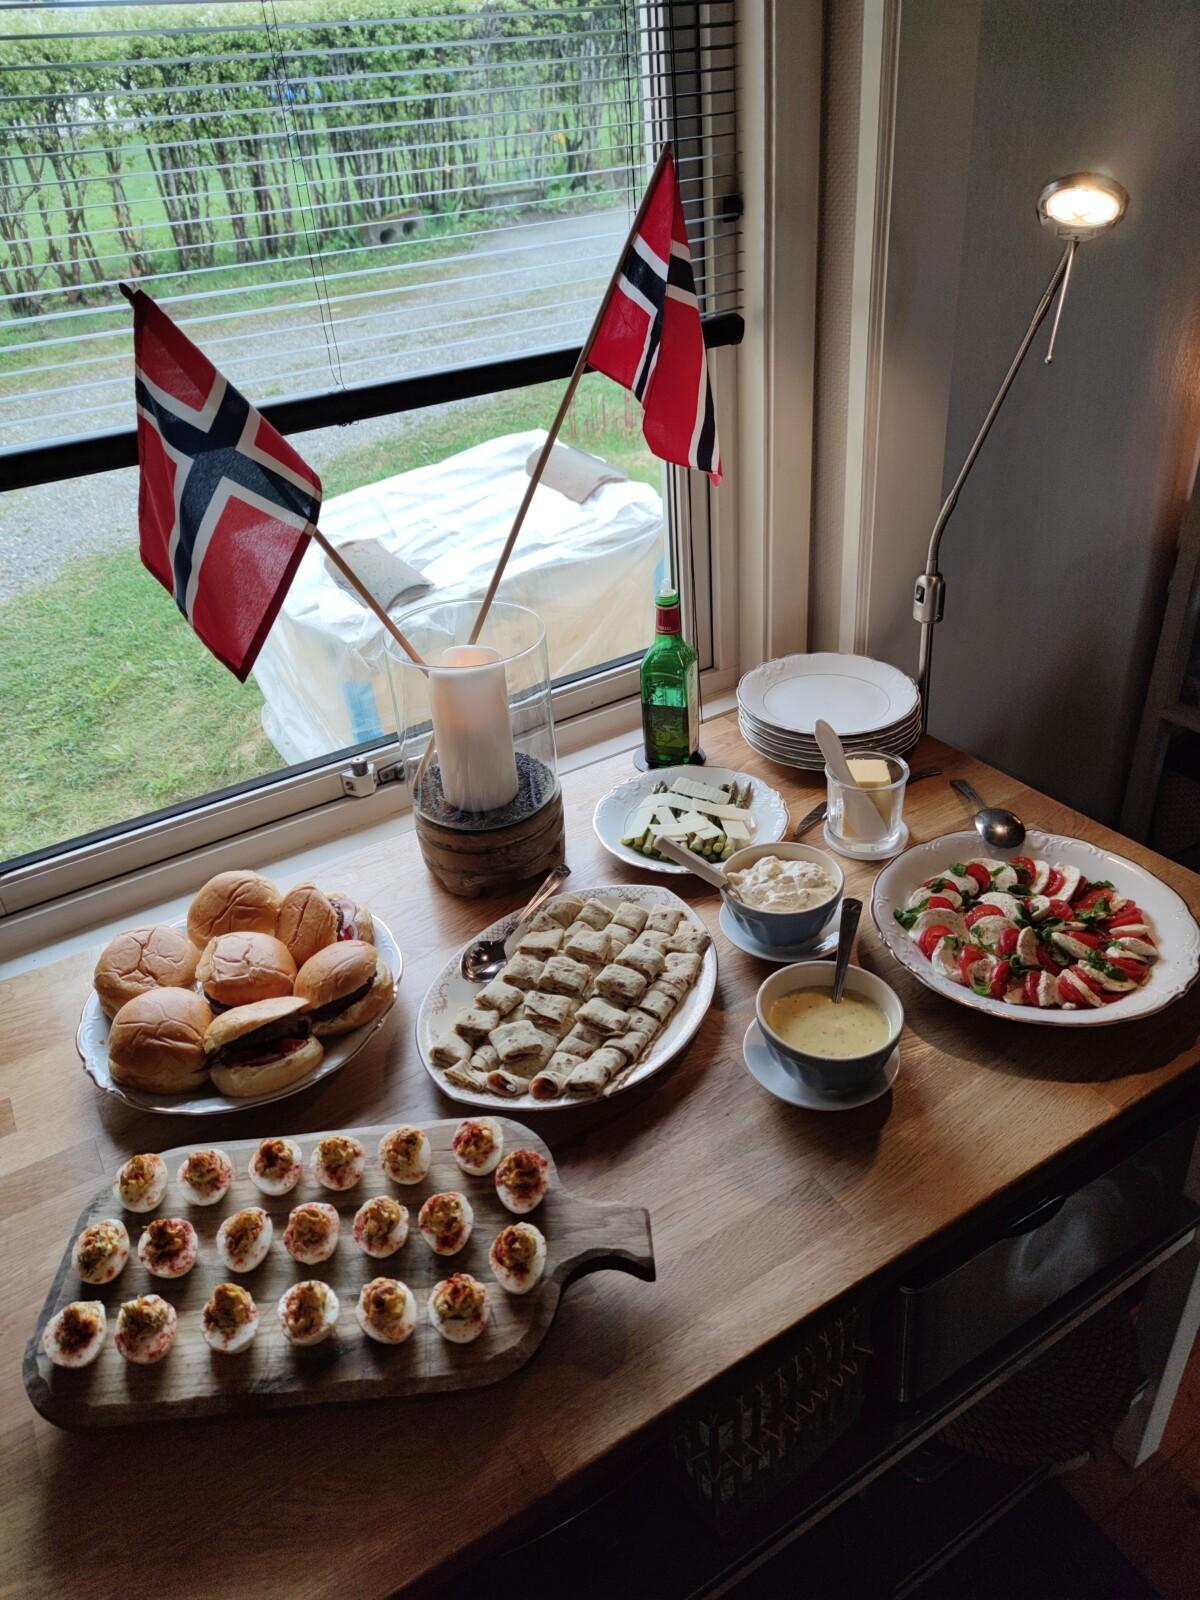 blogg-blogger-17mai-nasjonaldagen-norge-norsk-flagg-nasjonaldag-corona-min17mai-17maifeiring-pavolova-småretter-tapas-champagne-outfit-antrekk-look-17maiantrekk-isalicious-isalicious.blogg.no-isalicious1